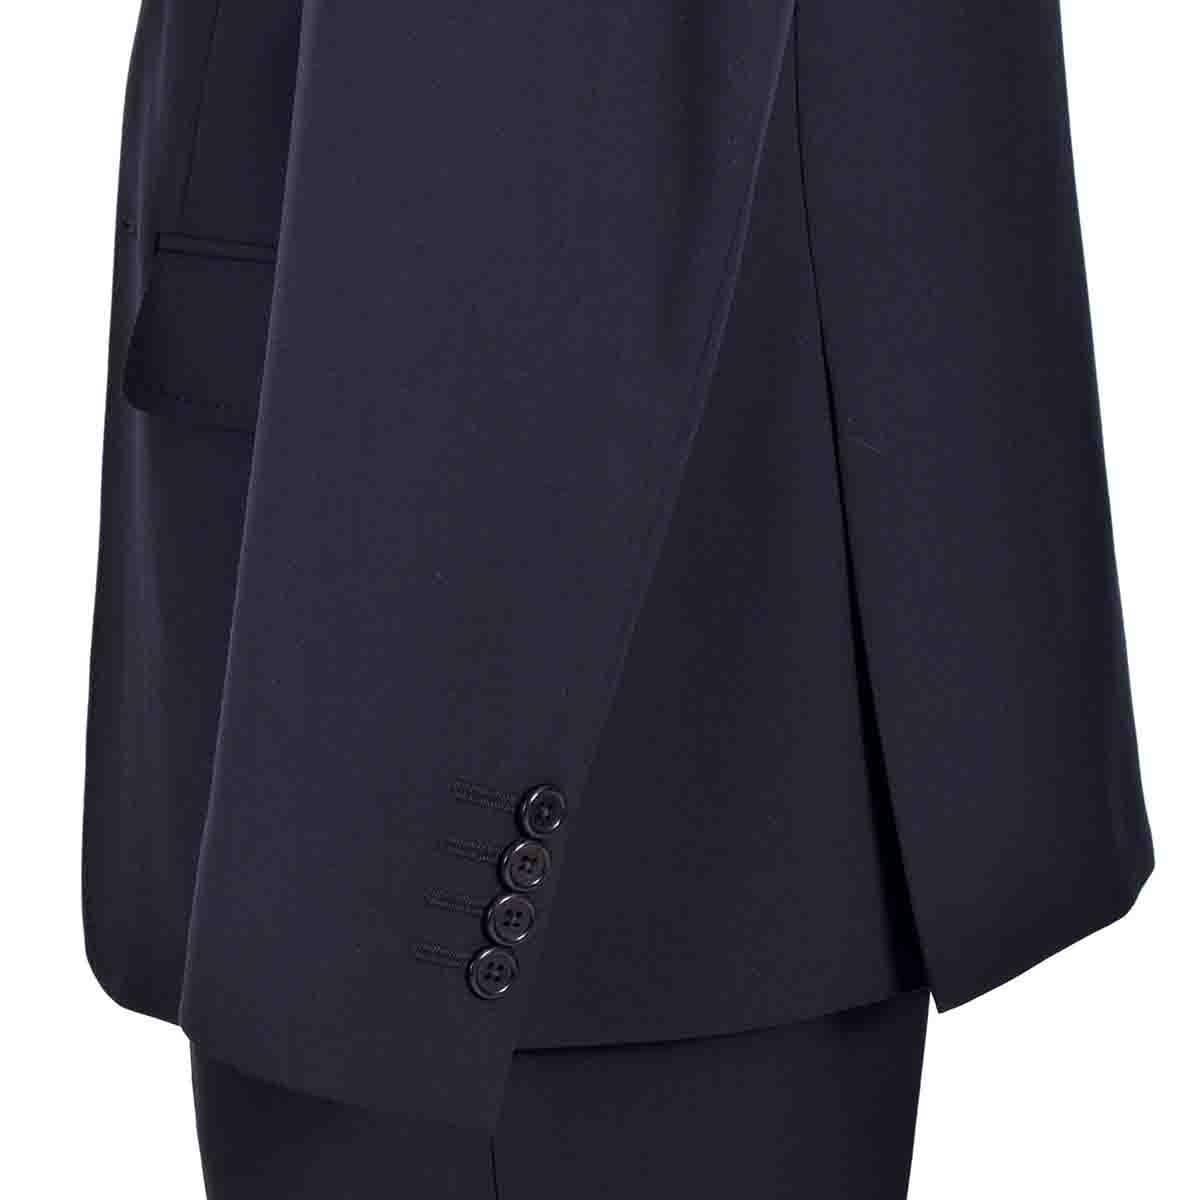 Pantalón Extra Slim Fit Carlo Corinto